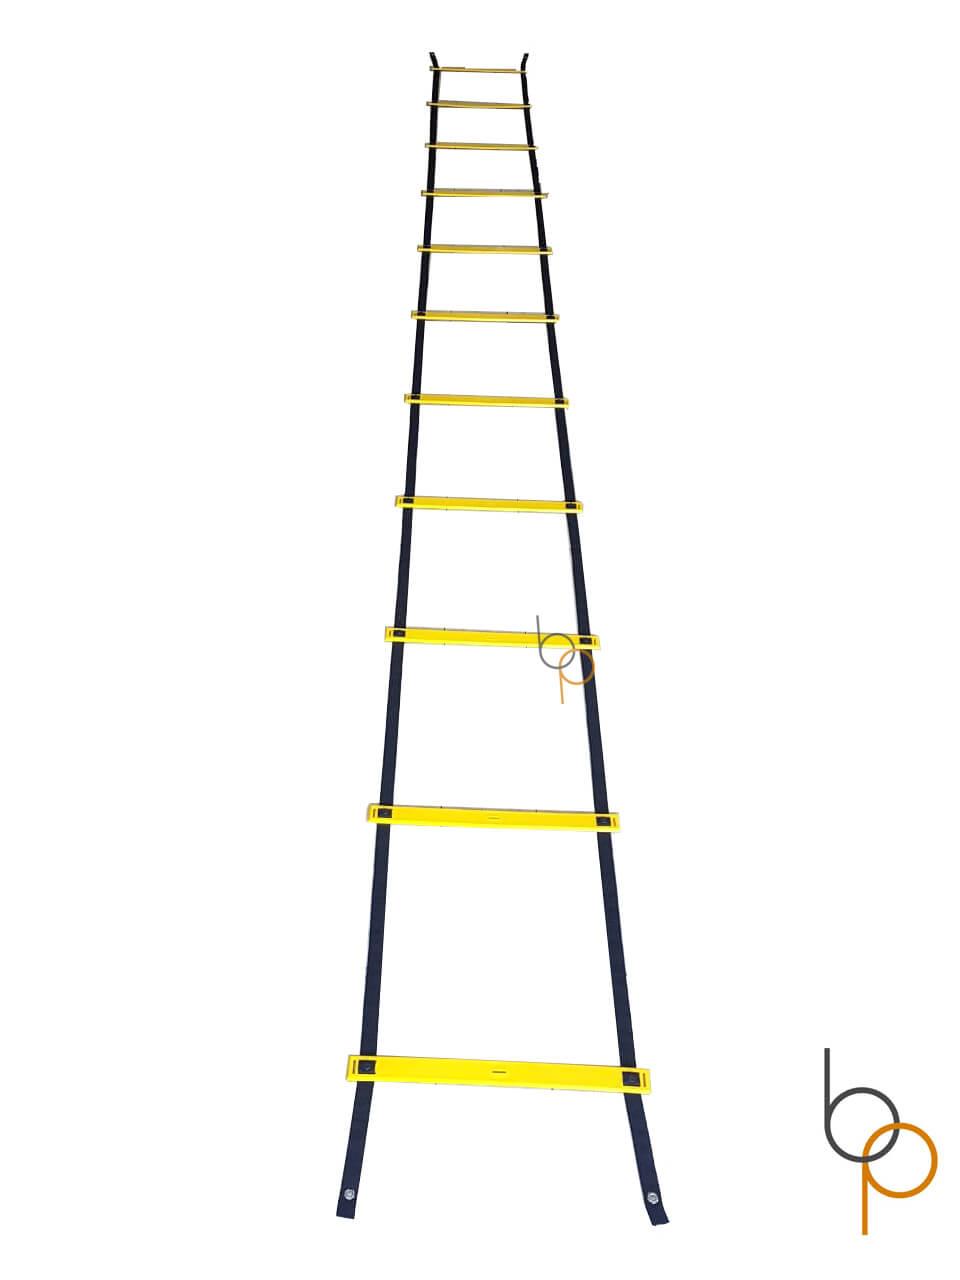 Kit Escada Agilidade Pvc Funcional Barreira Roda Abdominal